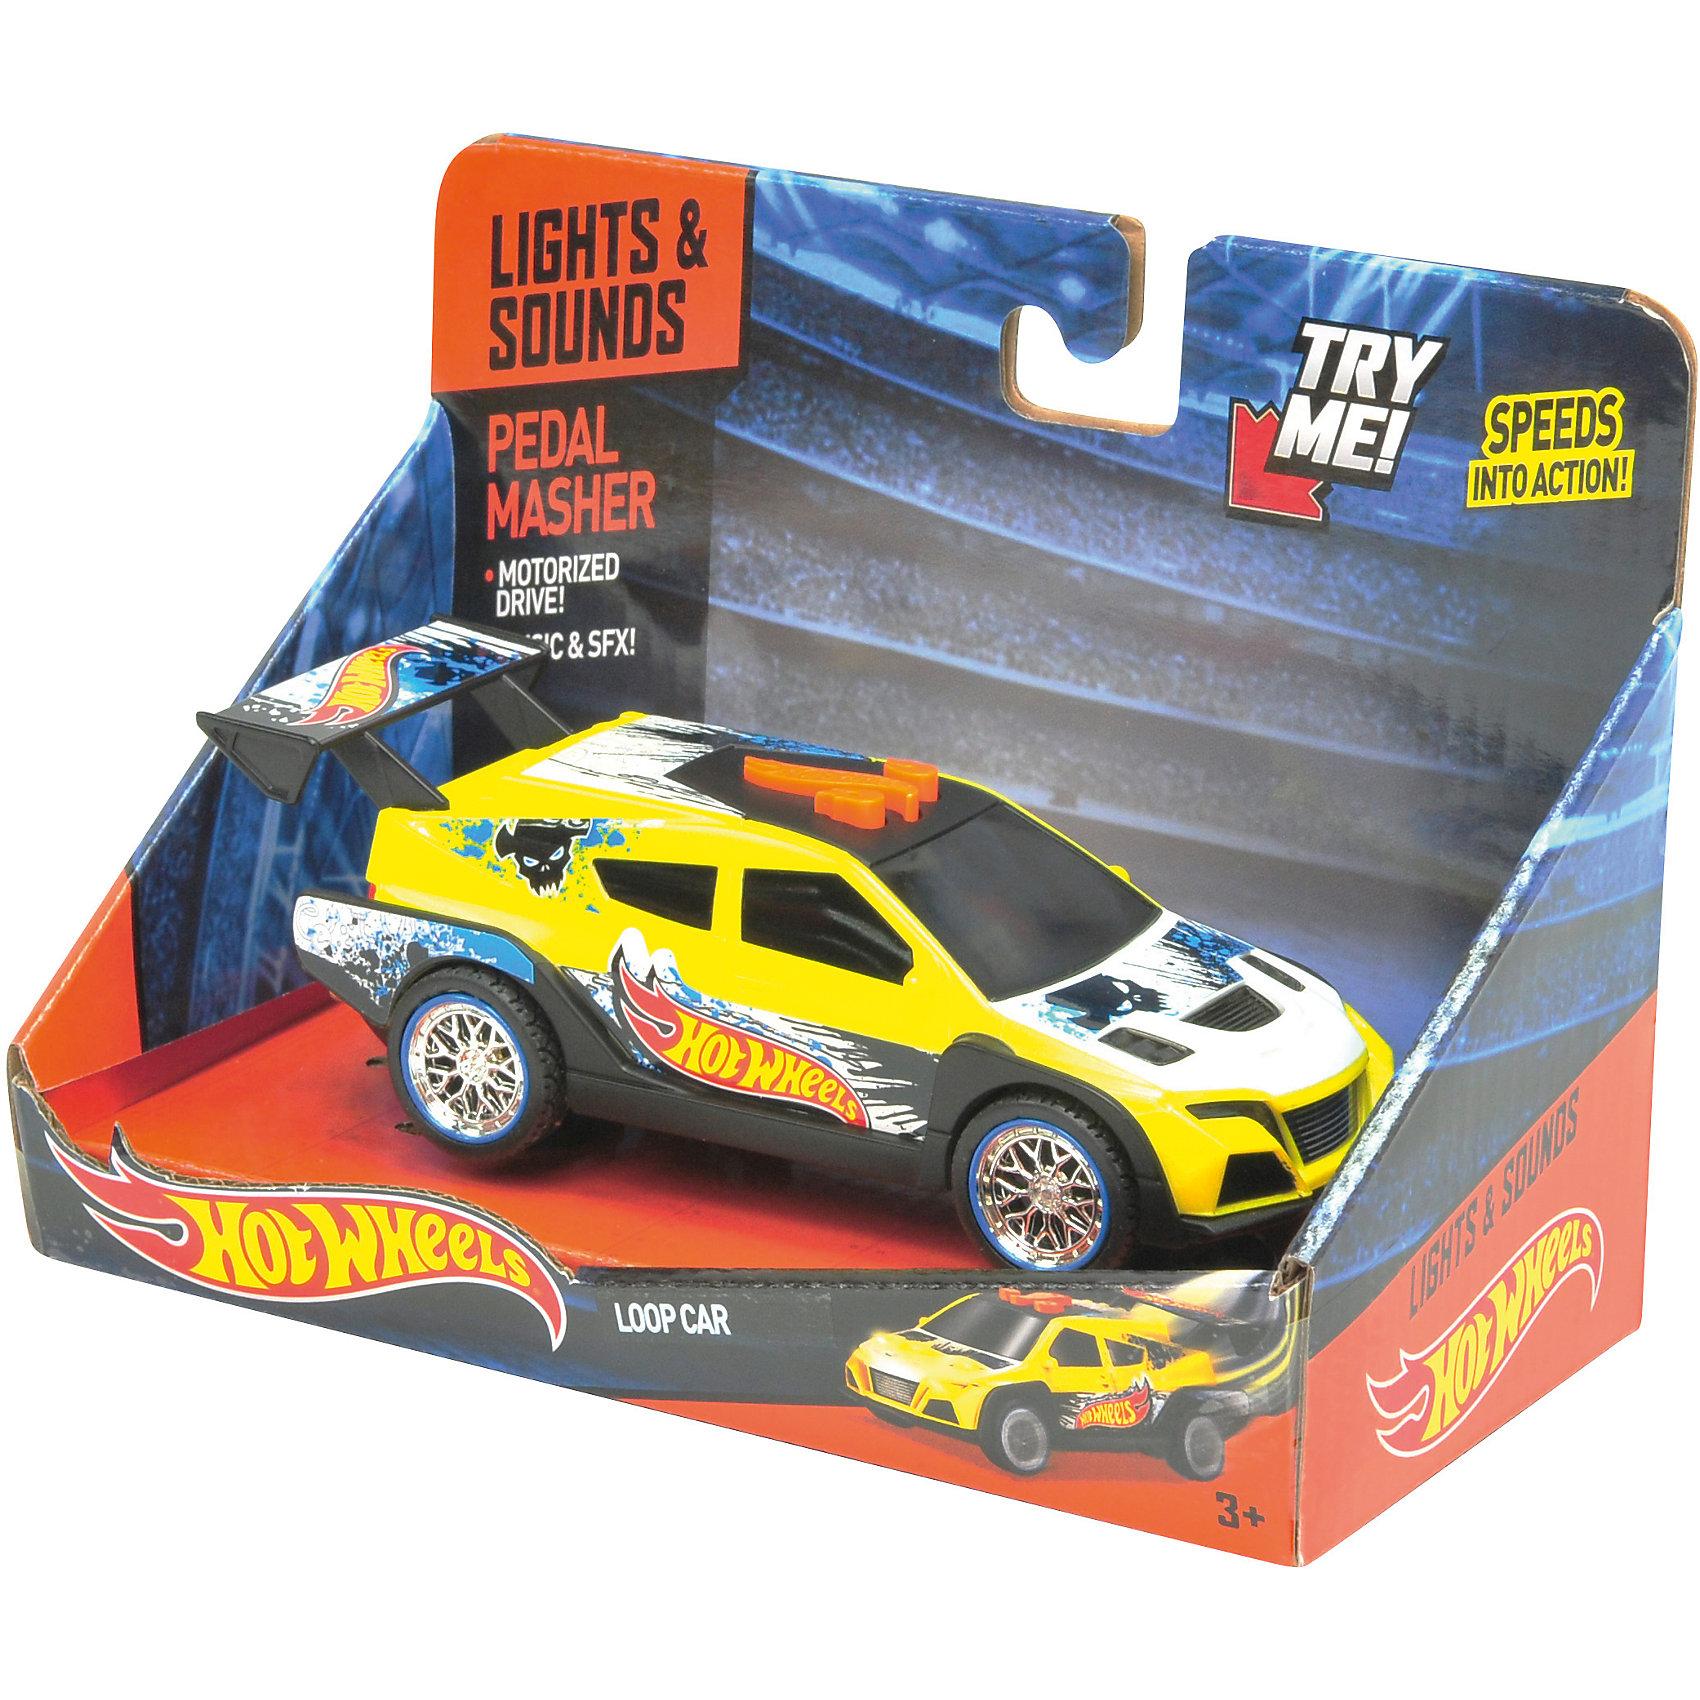 Машинка - Loop Car (свет, звук), жёлтая, 14 см, Hot WheelsМашинки<br>Характеристики товара:<br><br>- цвет: желтый;<br>- материал: пластик, металл;<br>- особенности:электромеханическая, со звуковыми и световыми эффектами;<br>- вес: 250 г;<br>- размер упаковки: 9х13х18;<br>- батарейки 3хААA;<br>- размер машинки: 14 см.<br><br>Какой мальчишка откажется поиграть с машинкой Hot Wheels, которая выглядит как настоящая?! Машинка очень эффектно смотрится, она запускается нажатием кнопки. Игрушка отлично детализирована, очень качественно выполнена, поэтому она станет отличным подарком ребенку. Продается в красивой упаковке.<br>Изделия произведены из высококачественного материала, безопасного для детей.<br><br>Электромеханическую машинку Hot Wheels можно купить в нашем интернет-магазине.<br><br>Ширина мм: 89<br>Глубина мм: 127<br>Высота мм: 178<br>Вес г: 245<br>Возраст от месяцев: 36<br>Возраст до месяцев: 2147483647<br>Пол: Мужской<br>Возраст: Детский<br>SKU: 5066708